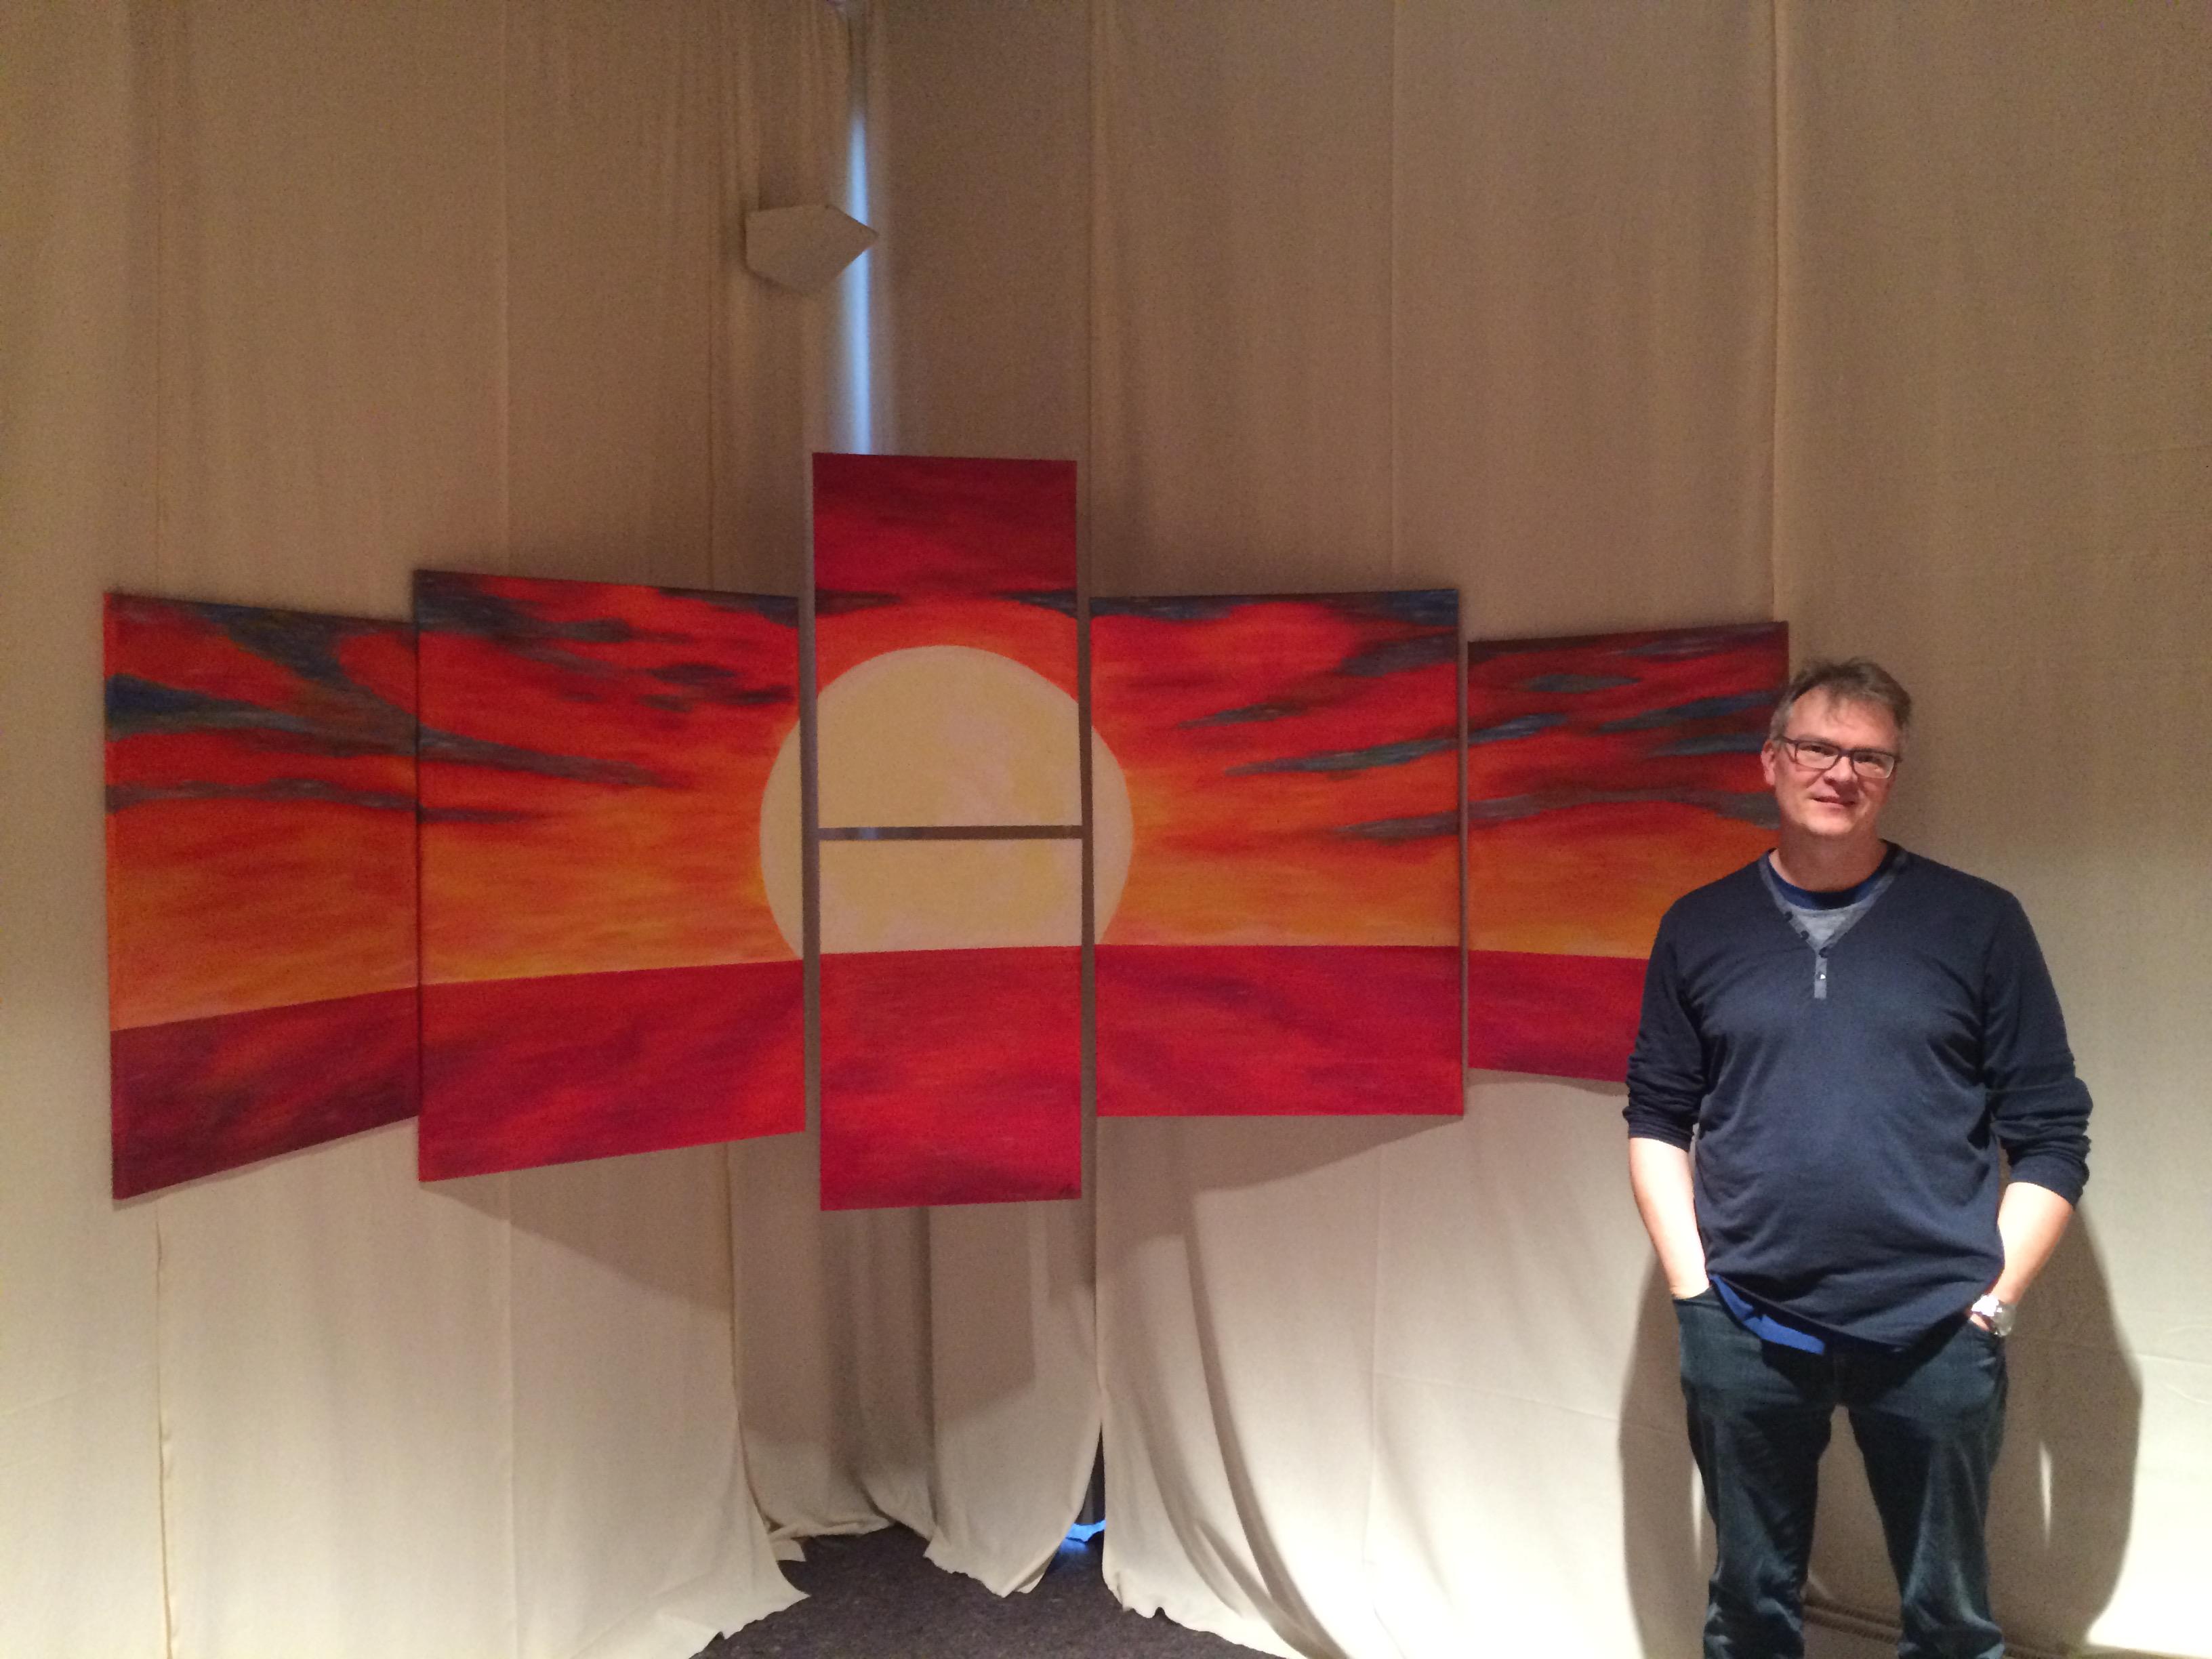 Bild für die Auferstehung mit dem Künstler